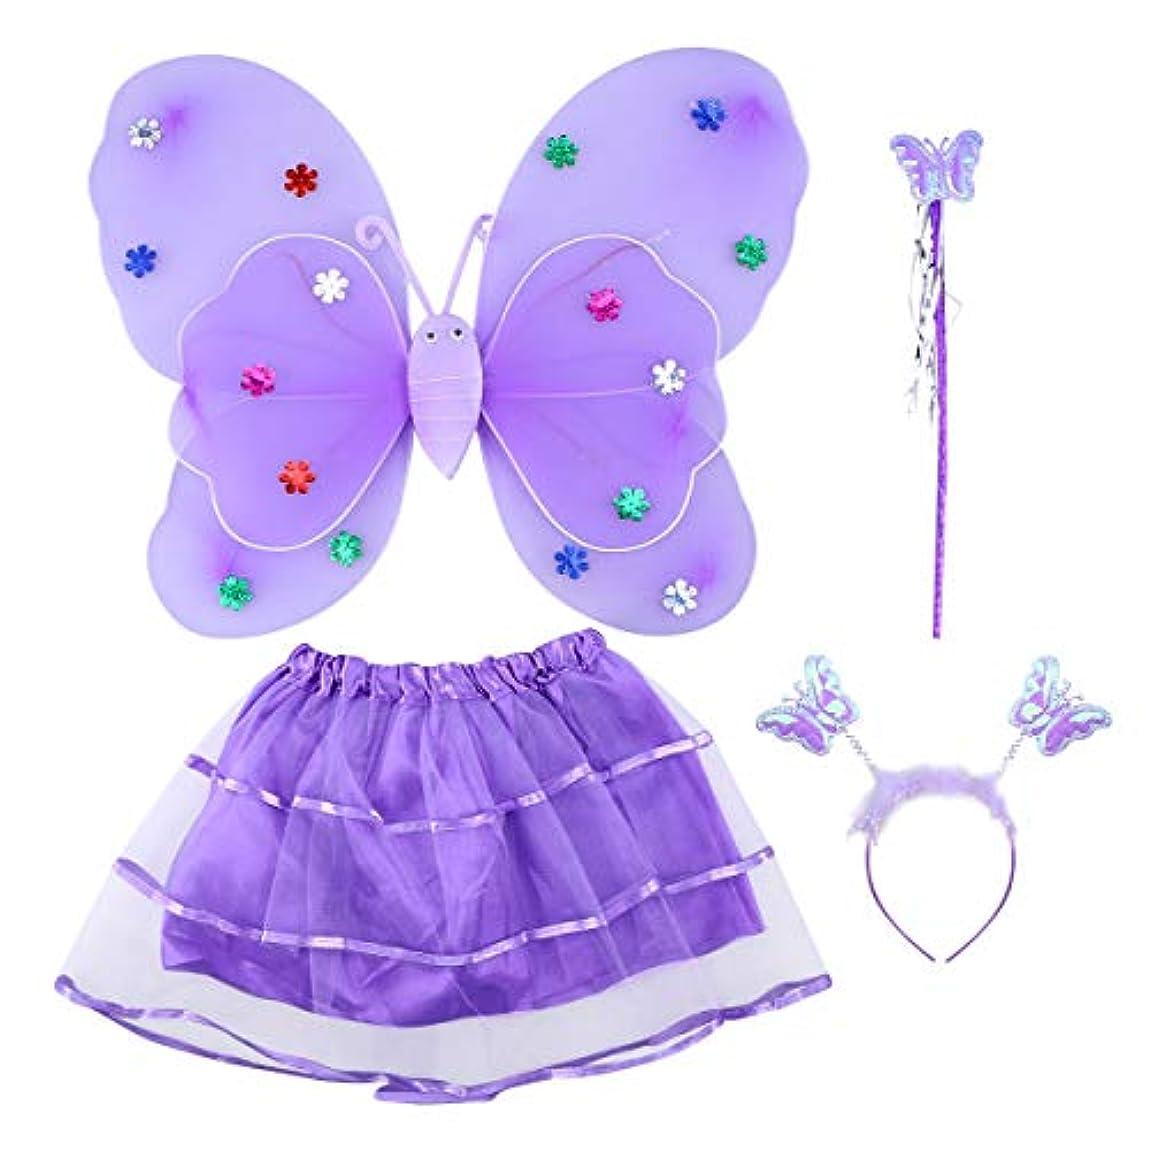 不幸眩惑するはしごBESTOYARD 4本の女の子のチュチュスカート蝶の羽の杖LEDライトフェアリーコスチュームセット二重層蝶の羽の杖ヘッドバンドパーティーコスチュームセット(パープル)